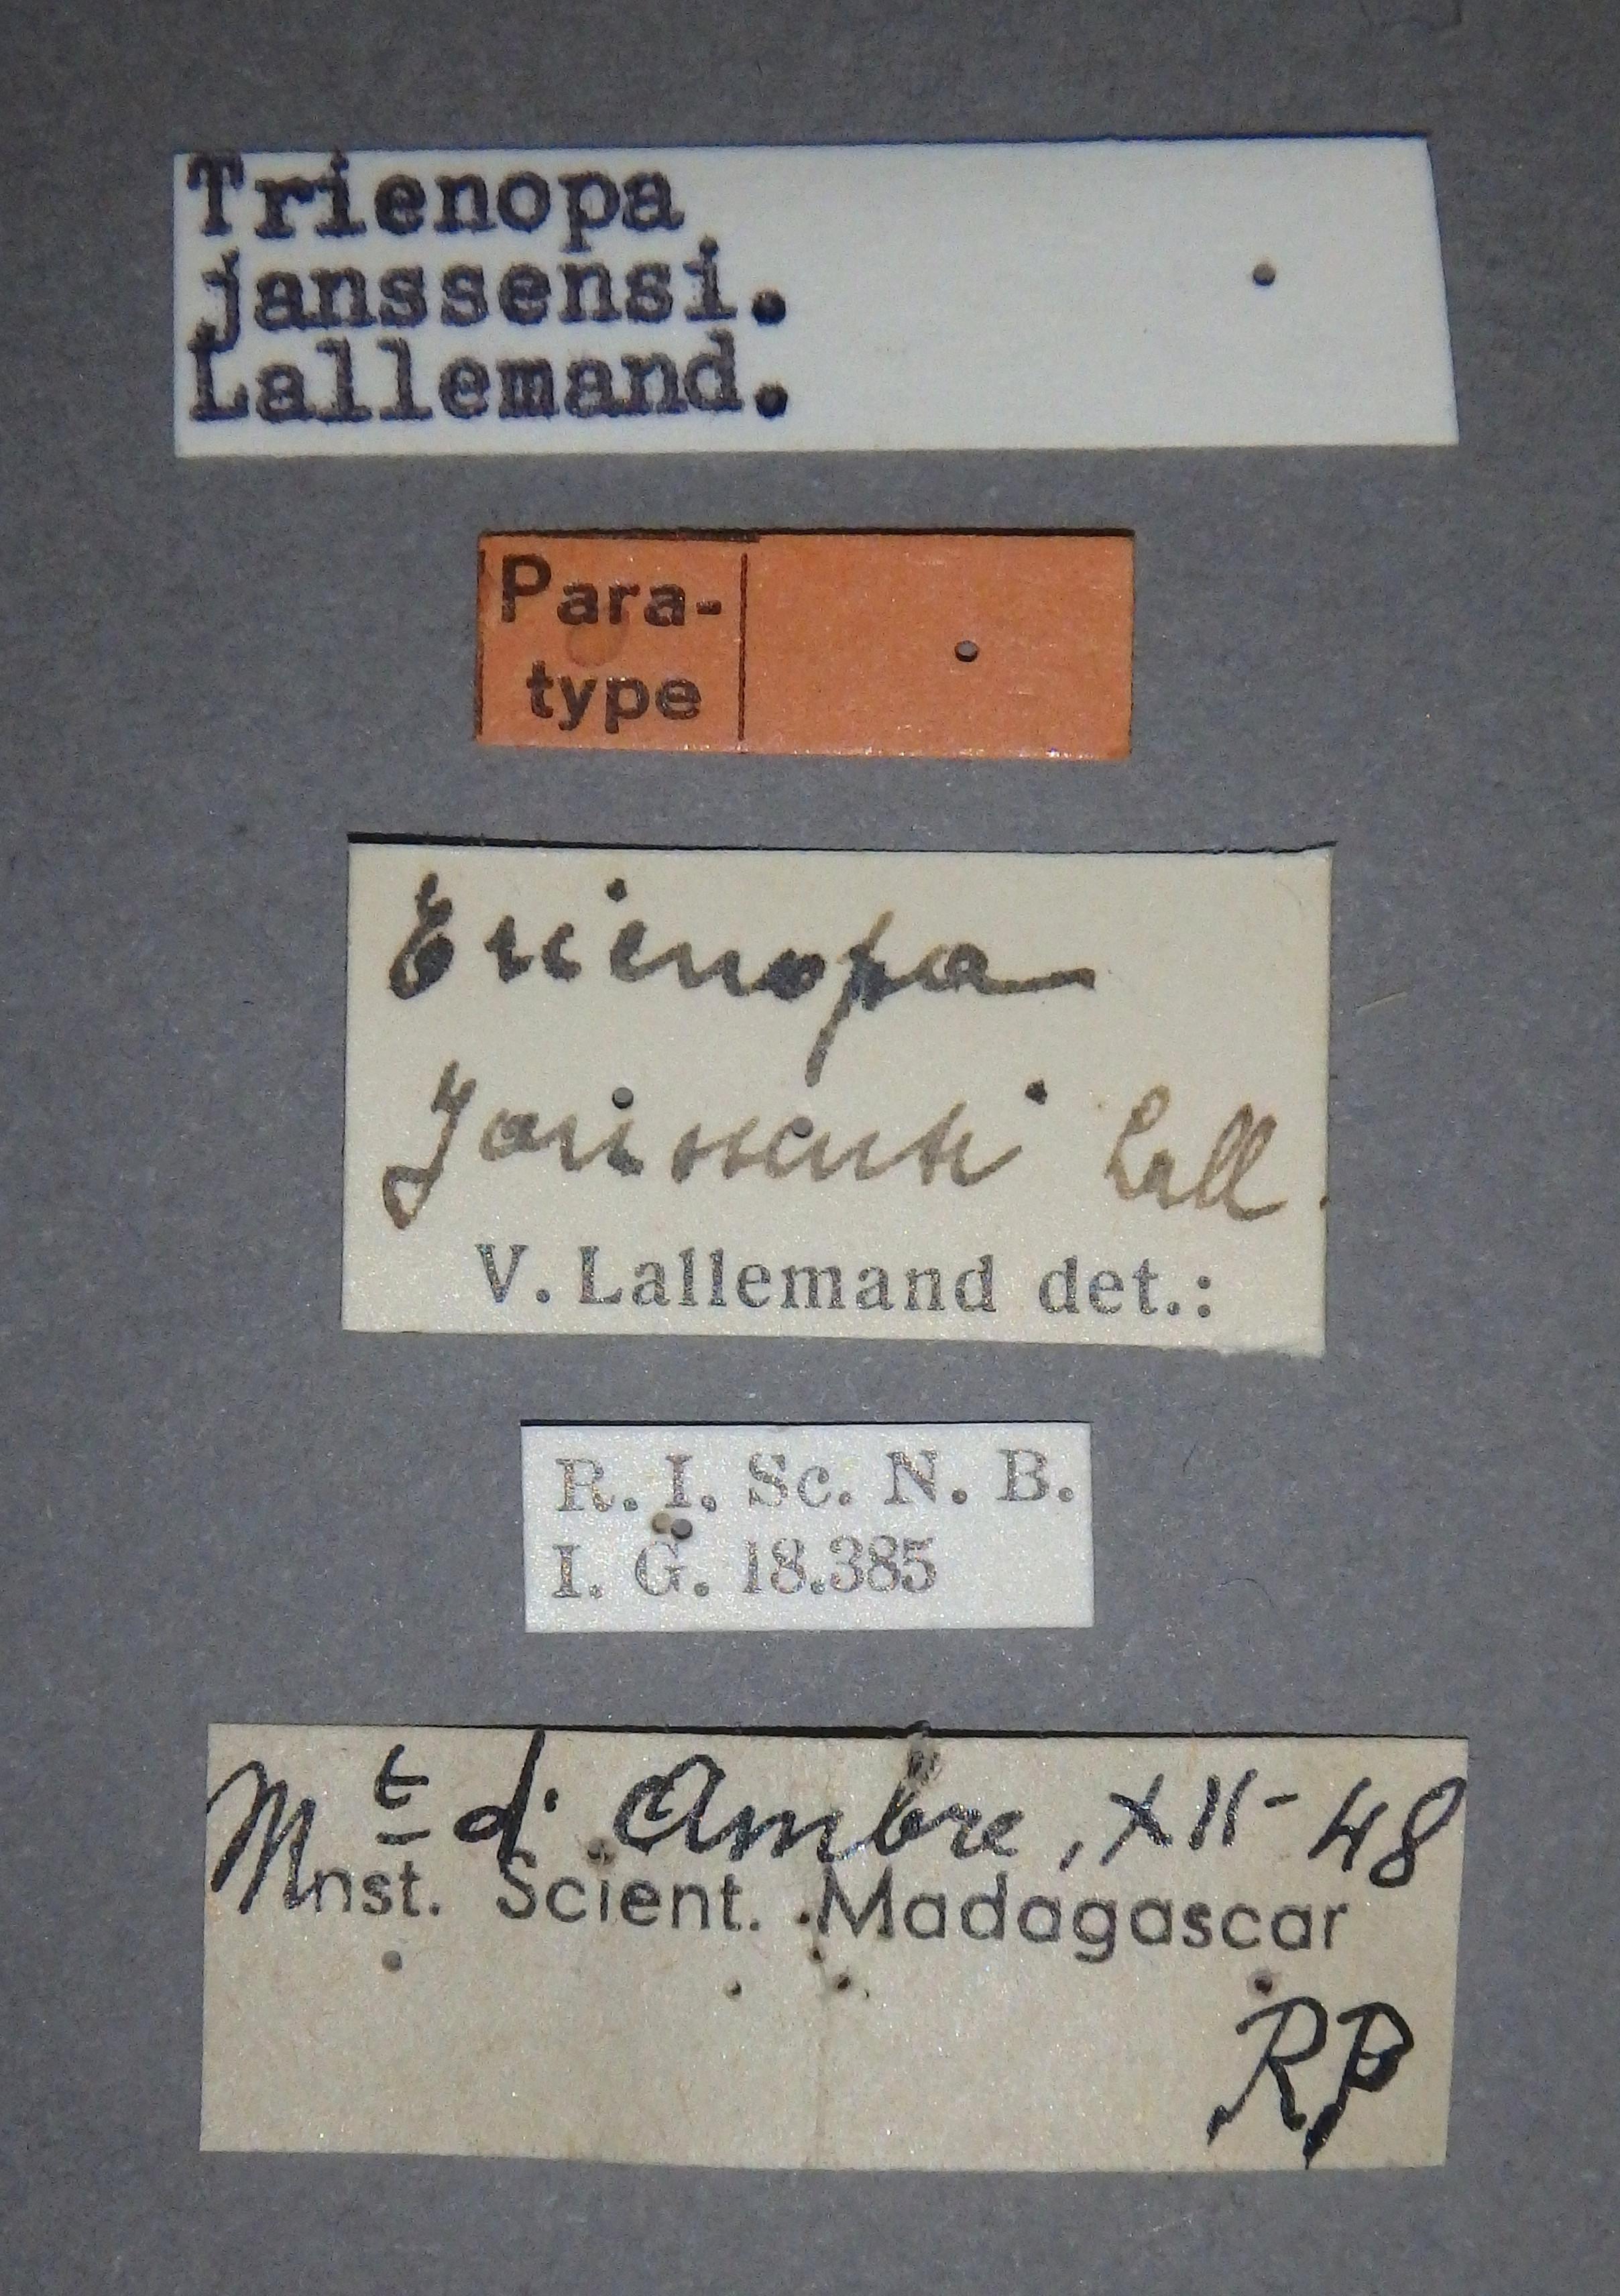 Trienopa janssensi pt2 Lb.JPG